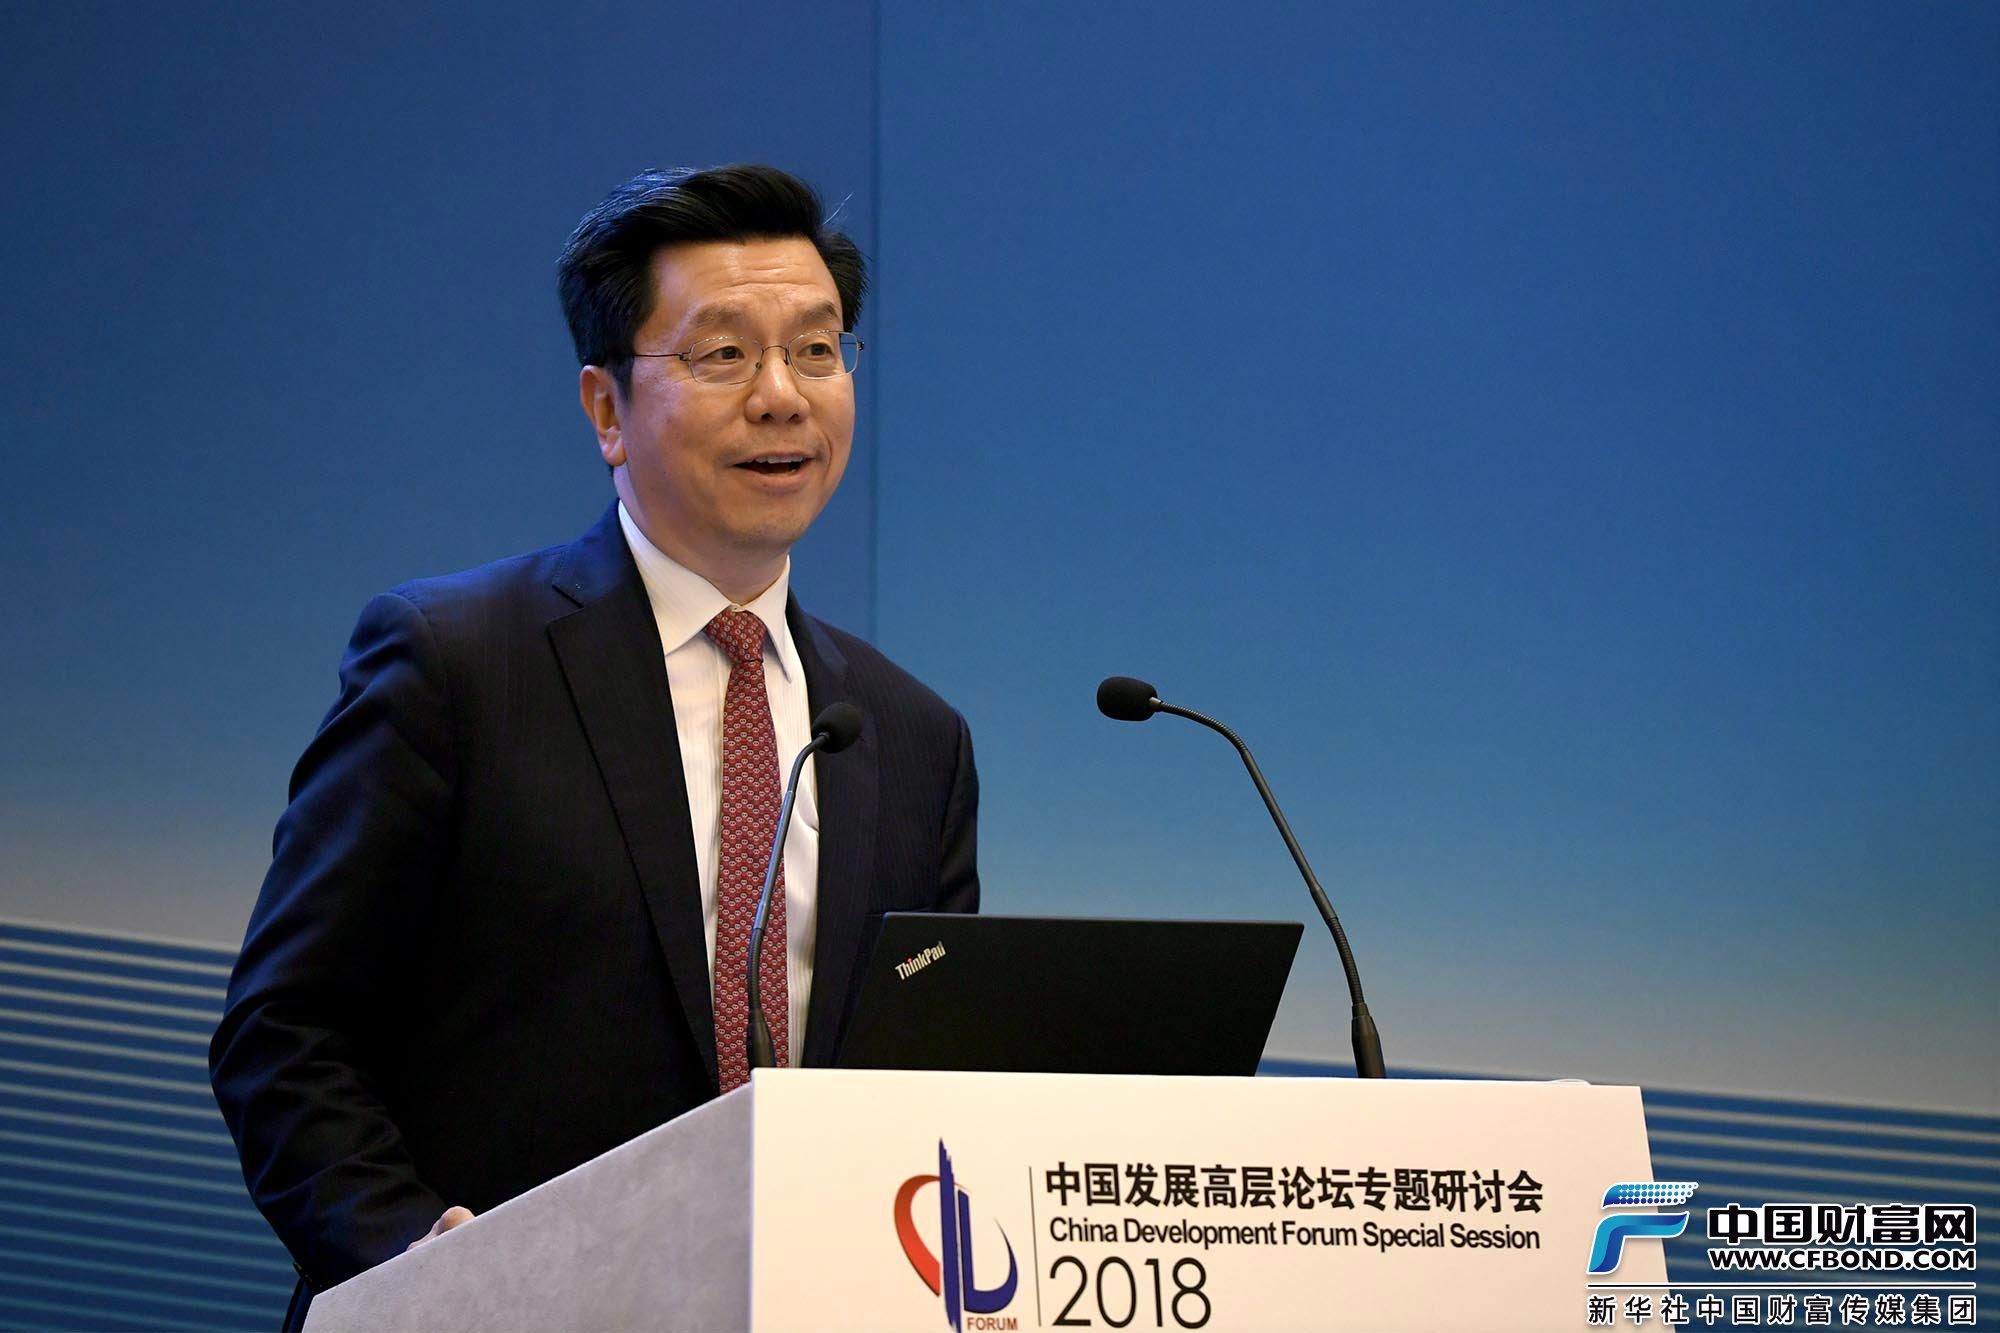 创新工场创始人及首席执行官李开复发言